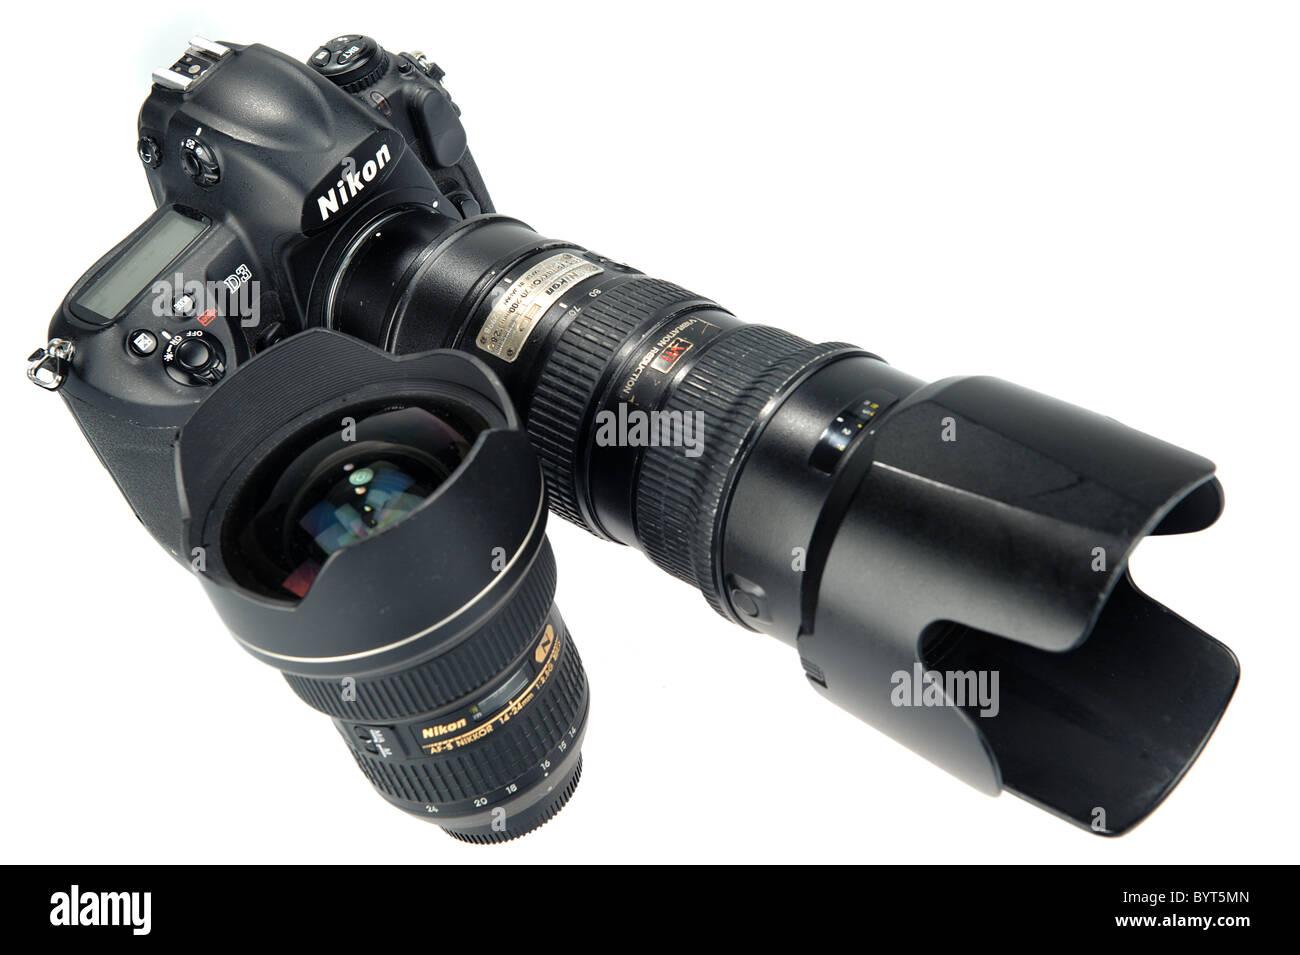 Nikon D3 Stock Photos & Nikon D3 Stock Images - Alamy